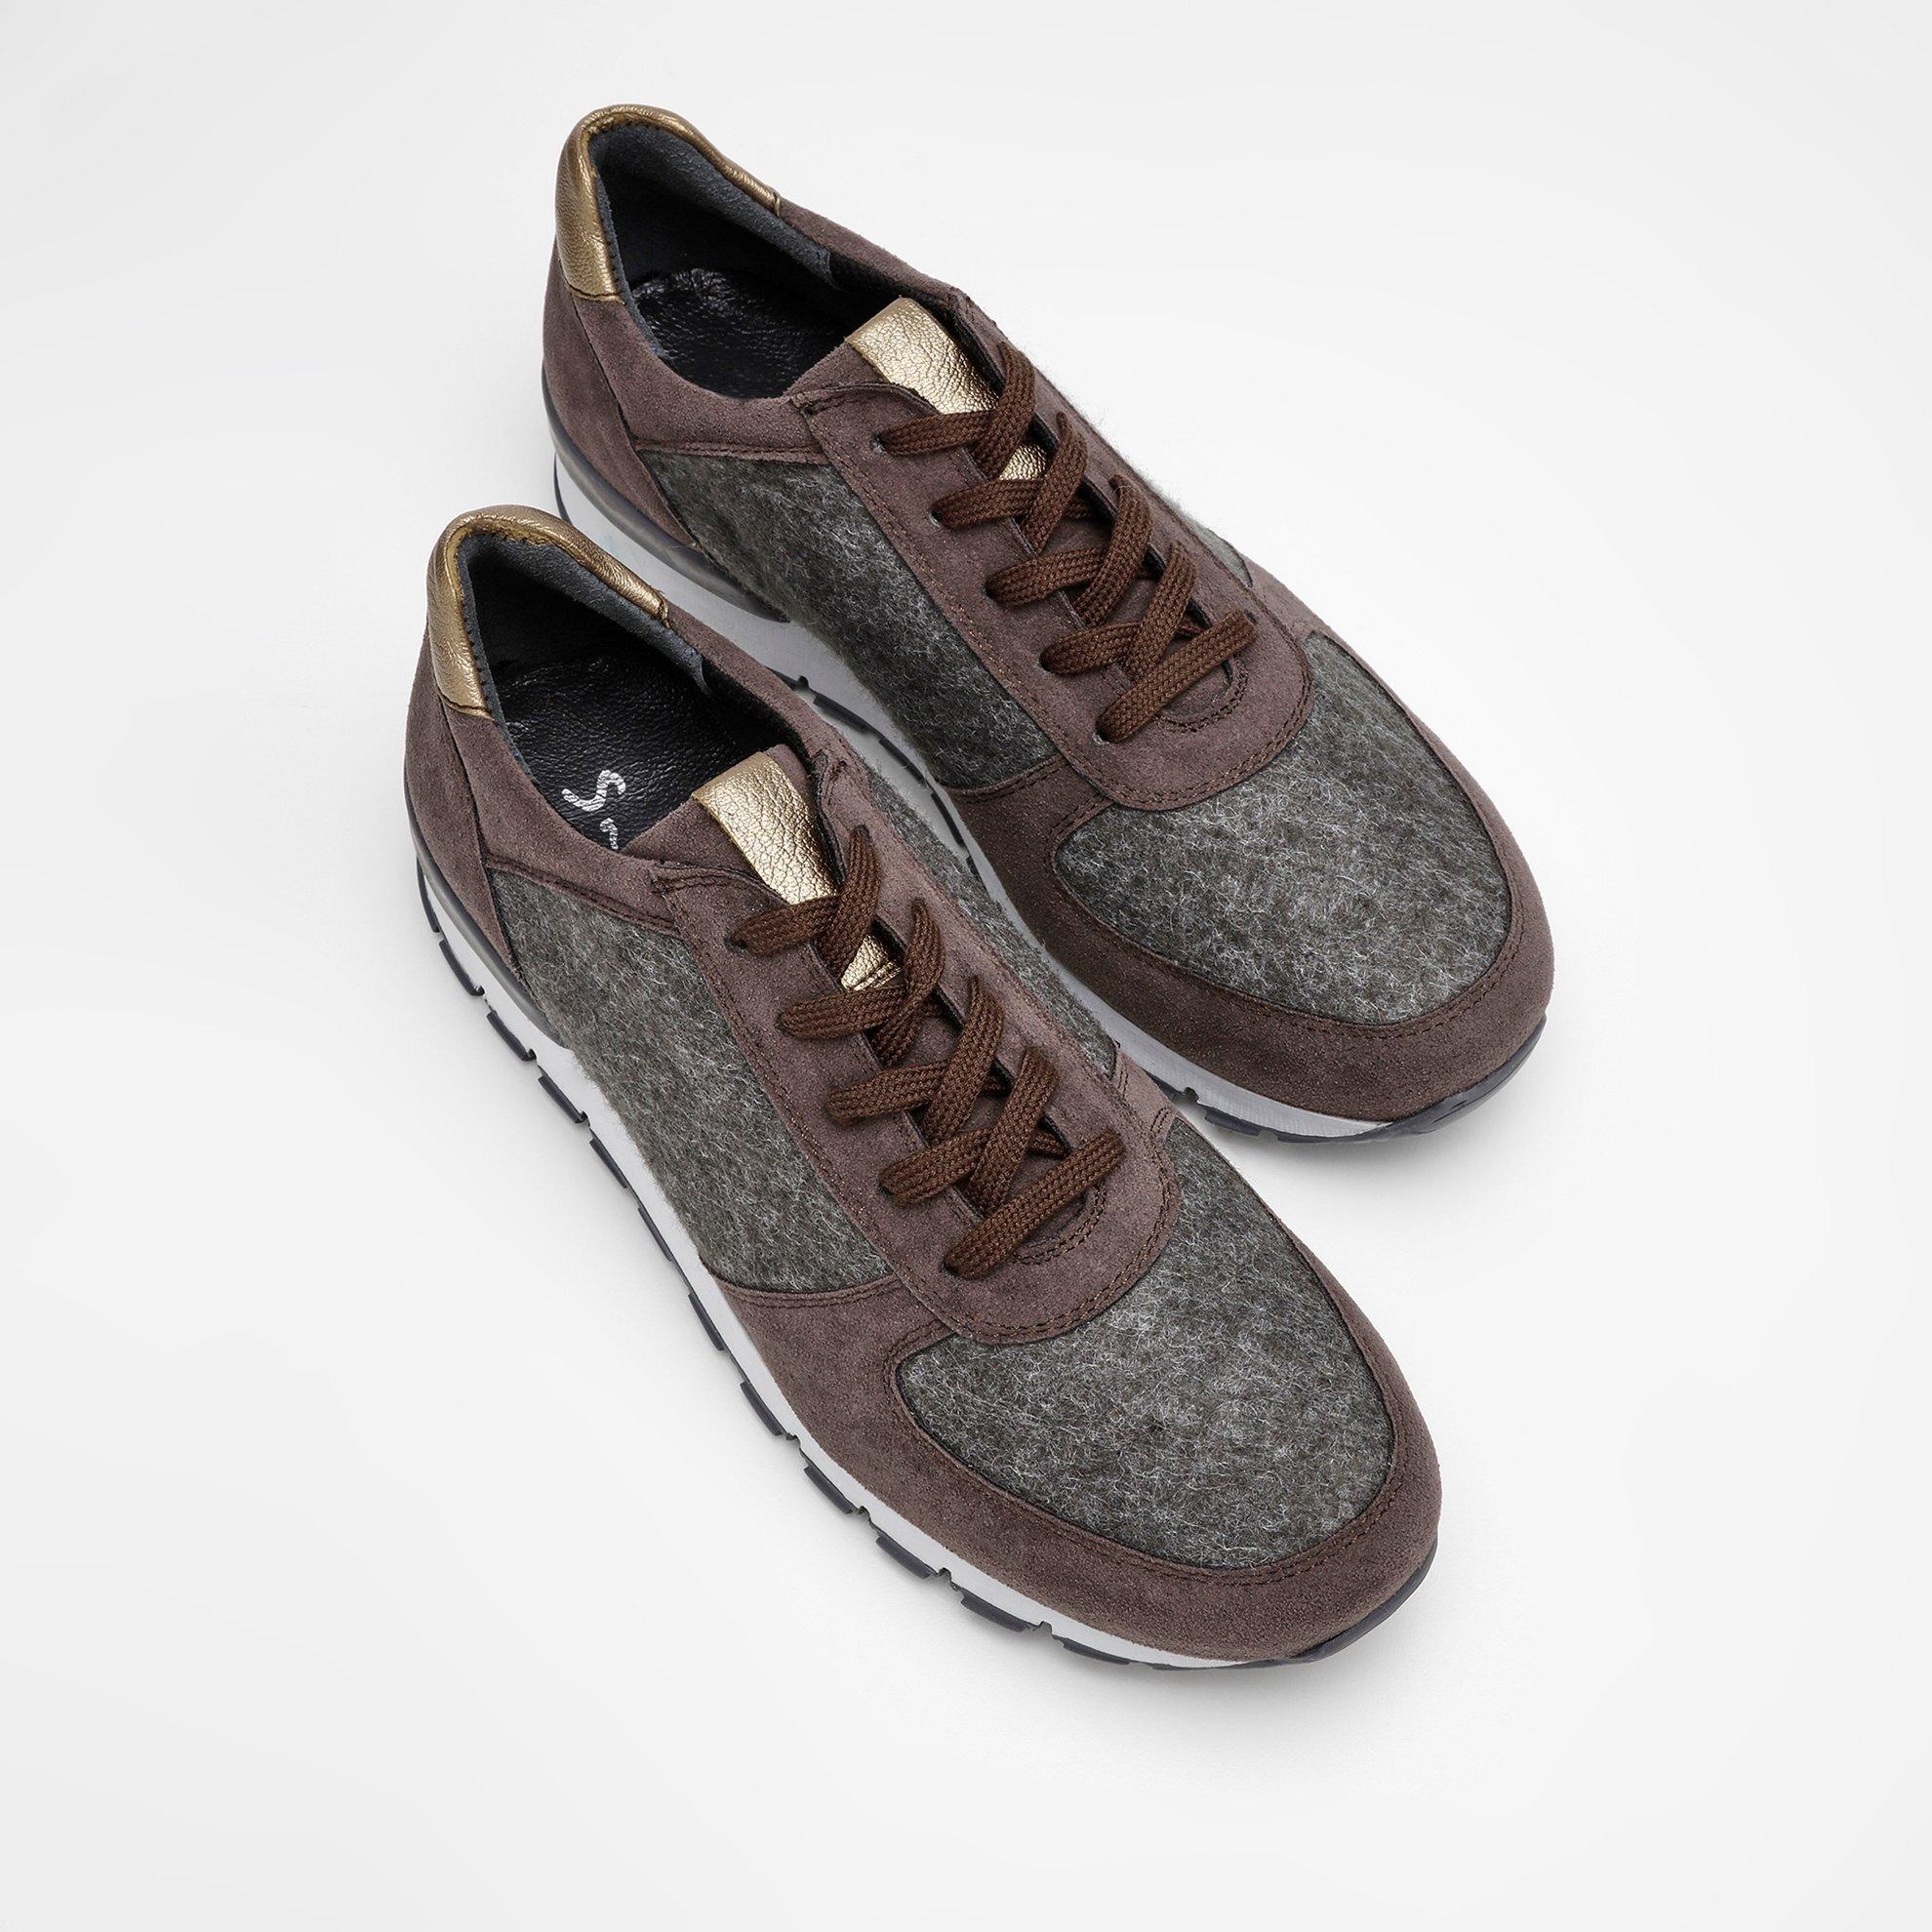 Kumaş Detaylı Spor Ayakkabı